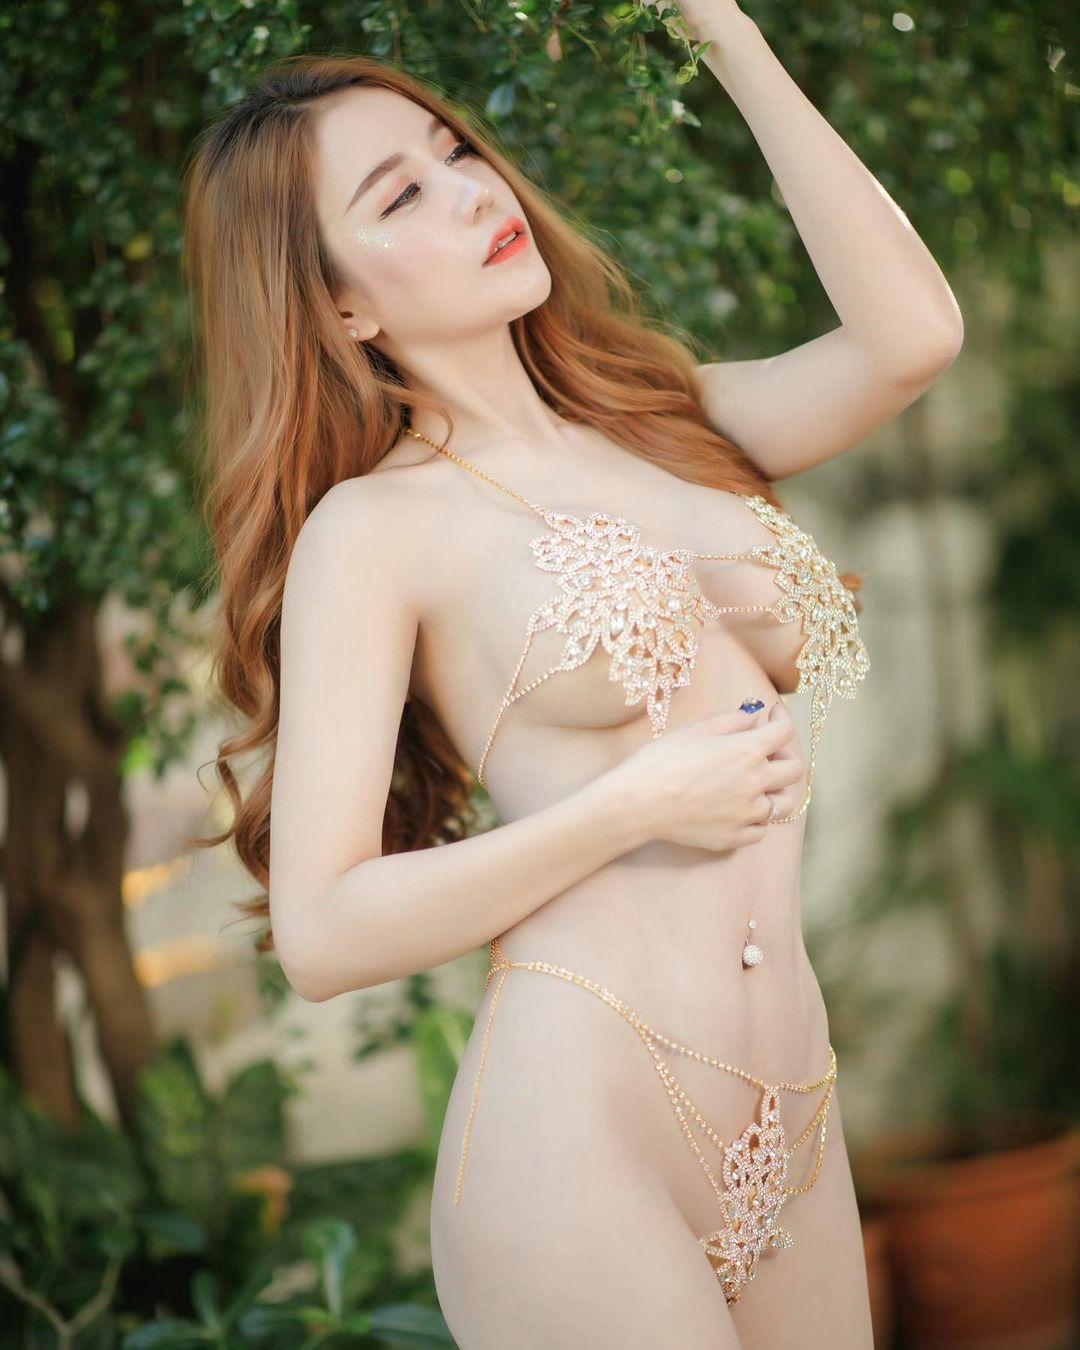 ส่อง IG อามมี่ Maxim นางแบบเซ็กซี่ ขาวสวย รูปร่างสุดเอ็กซ์ น่ารักเซ็กซี่